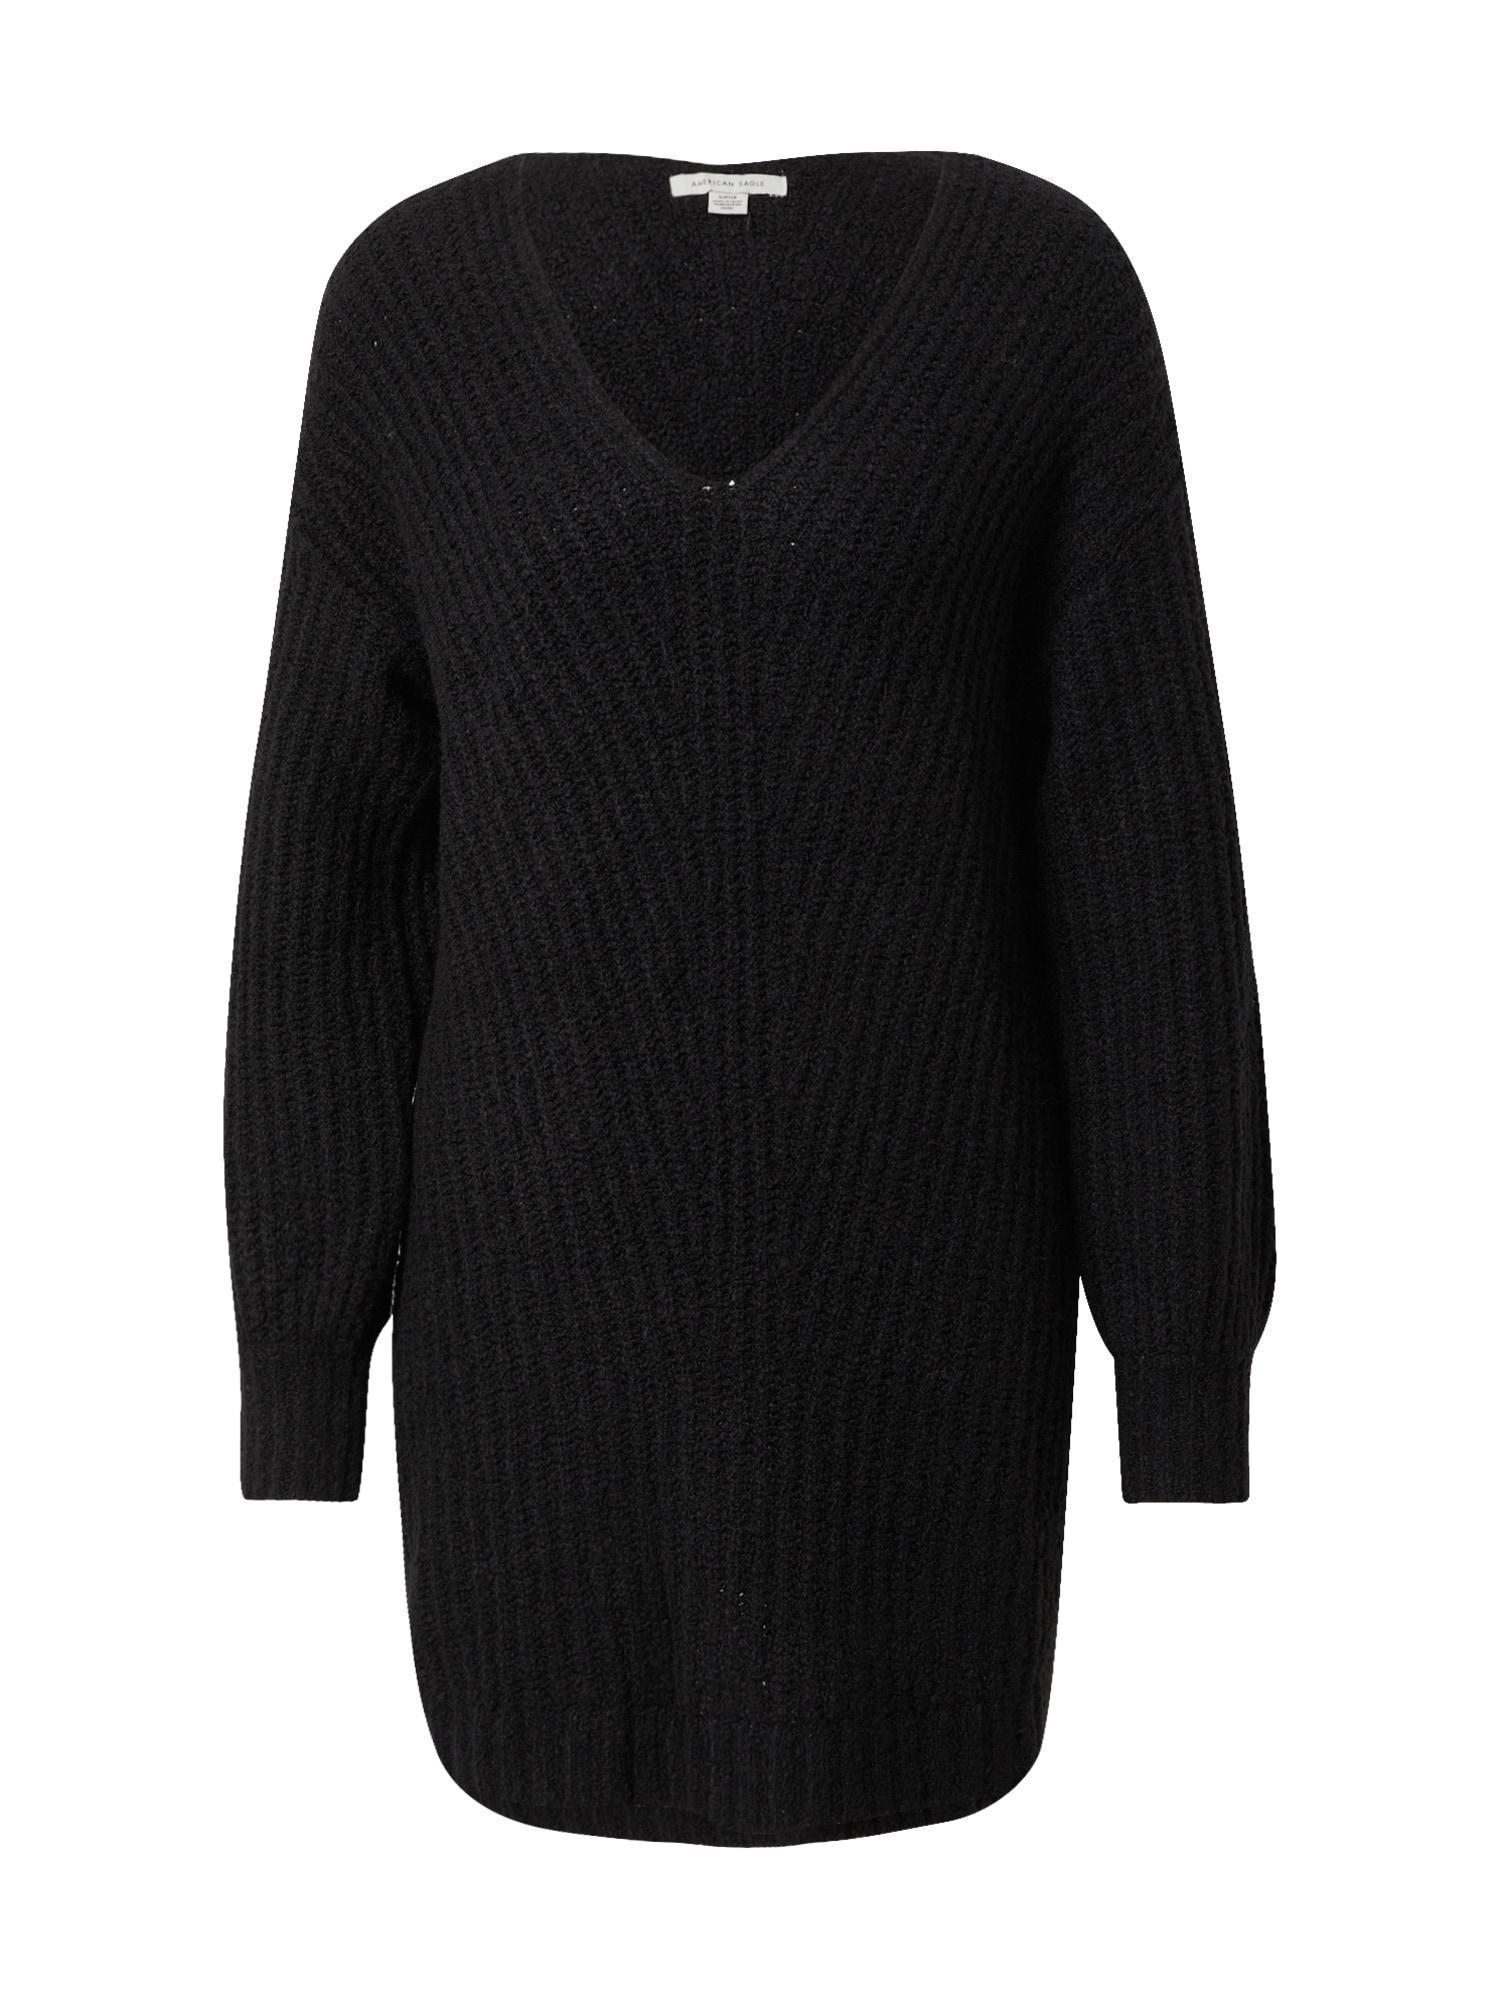 American Eagle Megzta suknelė juoda